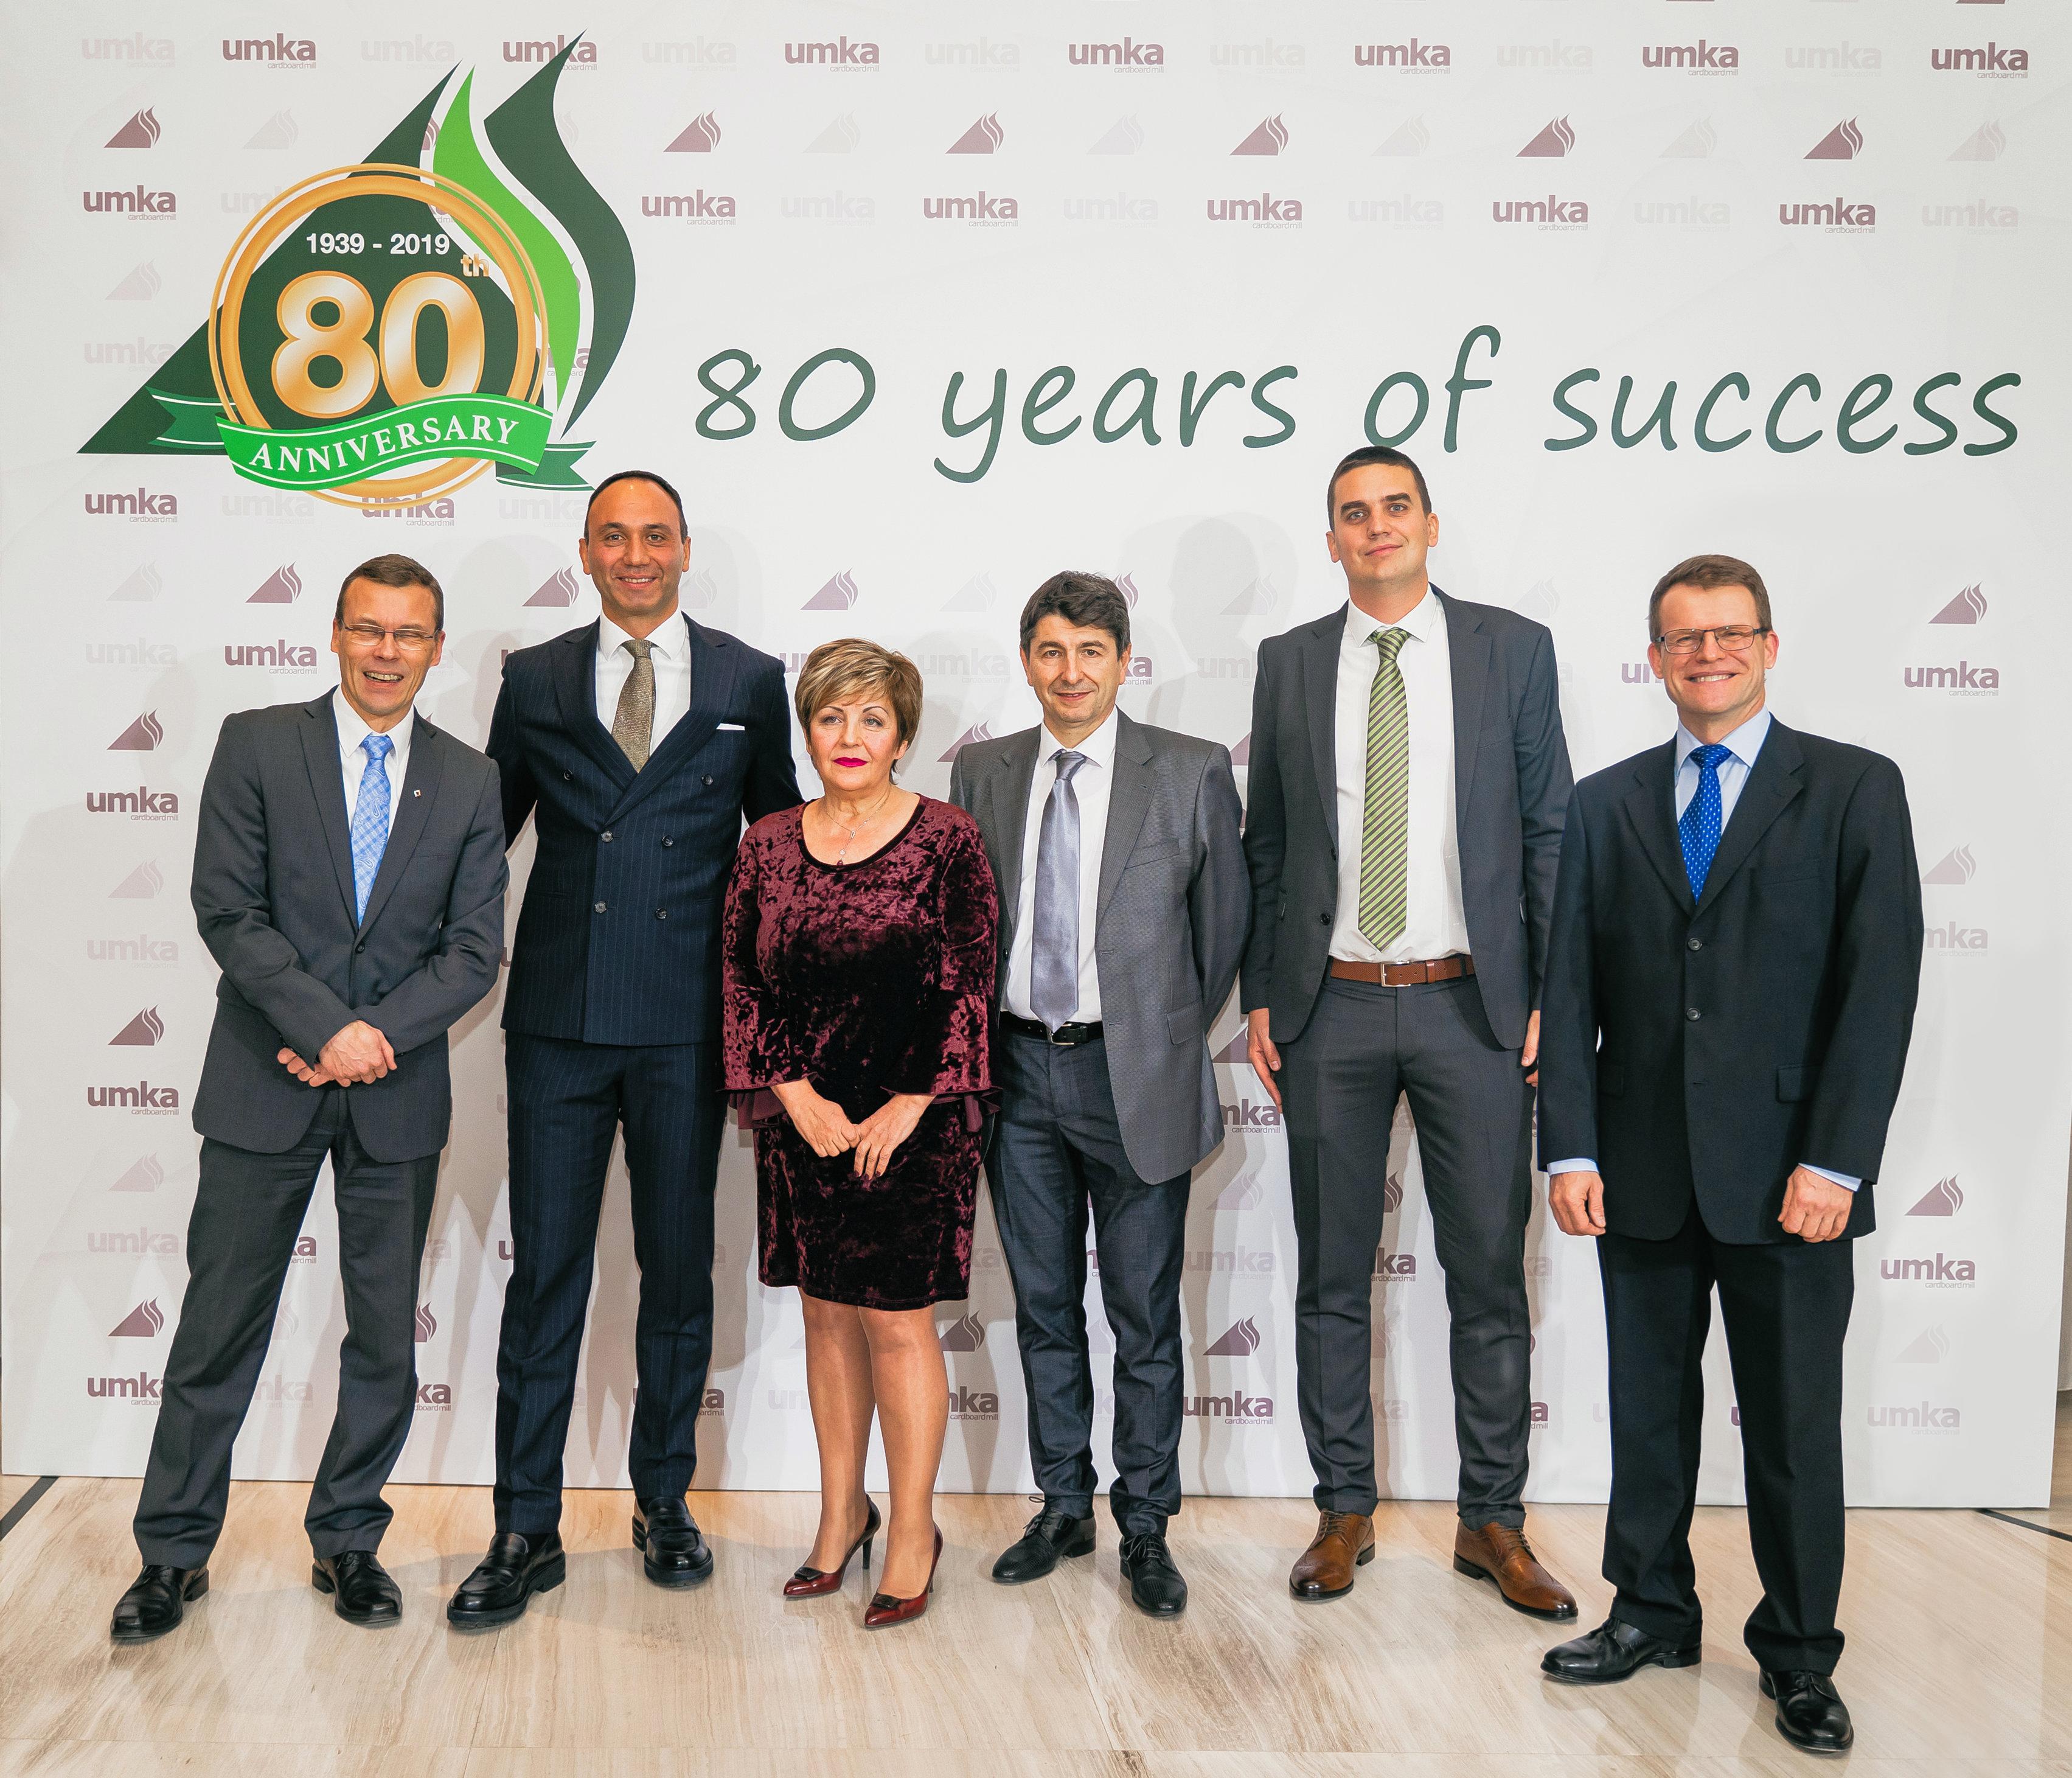 Umkan ja Valmetin tiimit Umkan 80-vuotisjuhlallisuuksissa, vasemmalta: Kari Räisänen (Valmet), Milos Ljusic (Umka), Jadranka Priljeva (Umka), Staniša Lukić (Umka), Nikola Pejović (Umka) ja Pekka Turtinen (Valmet)